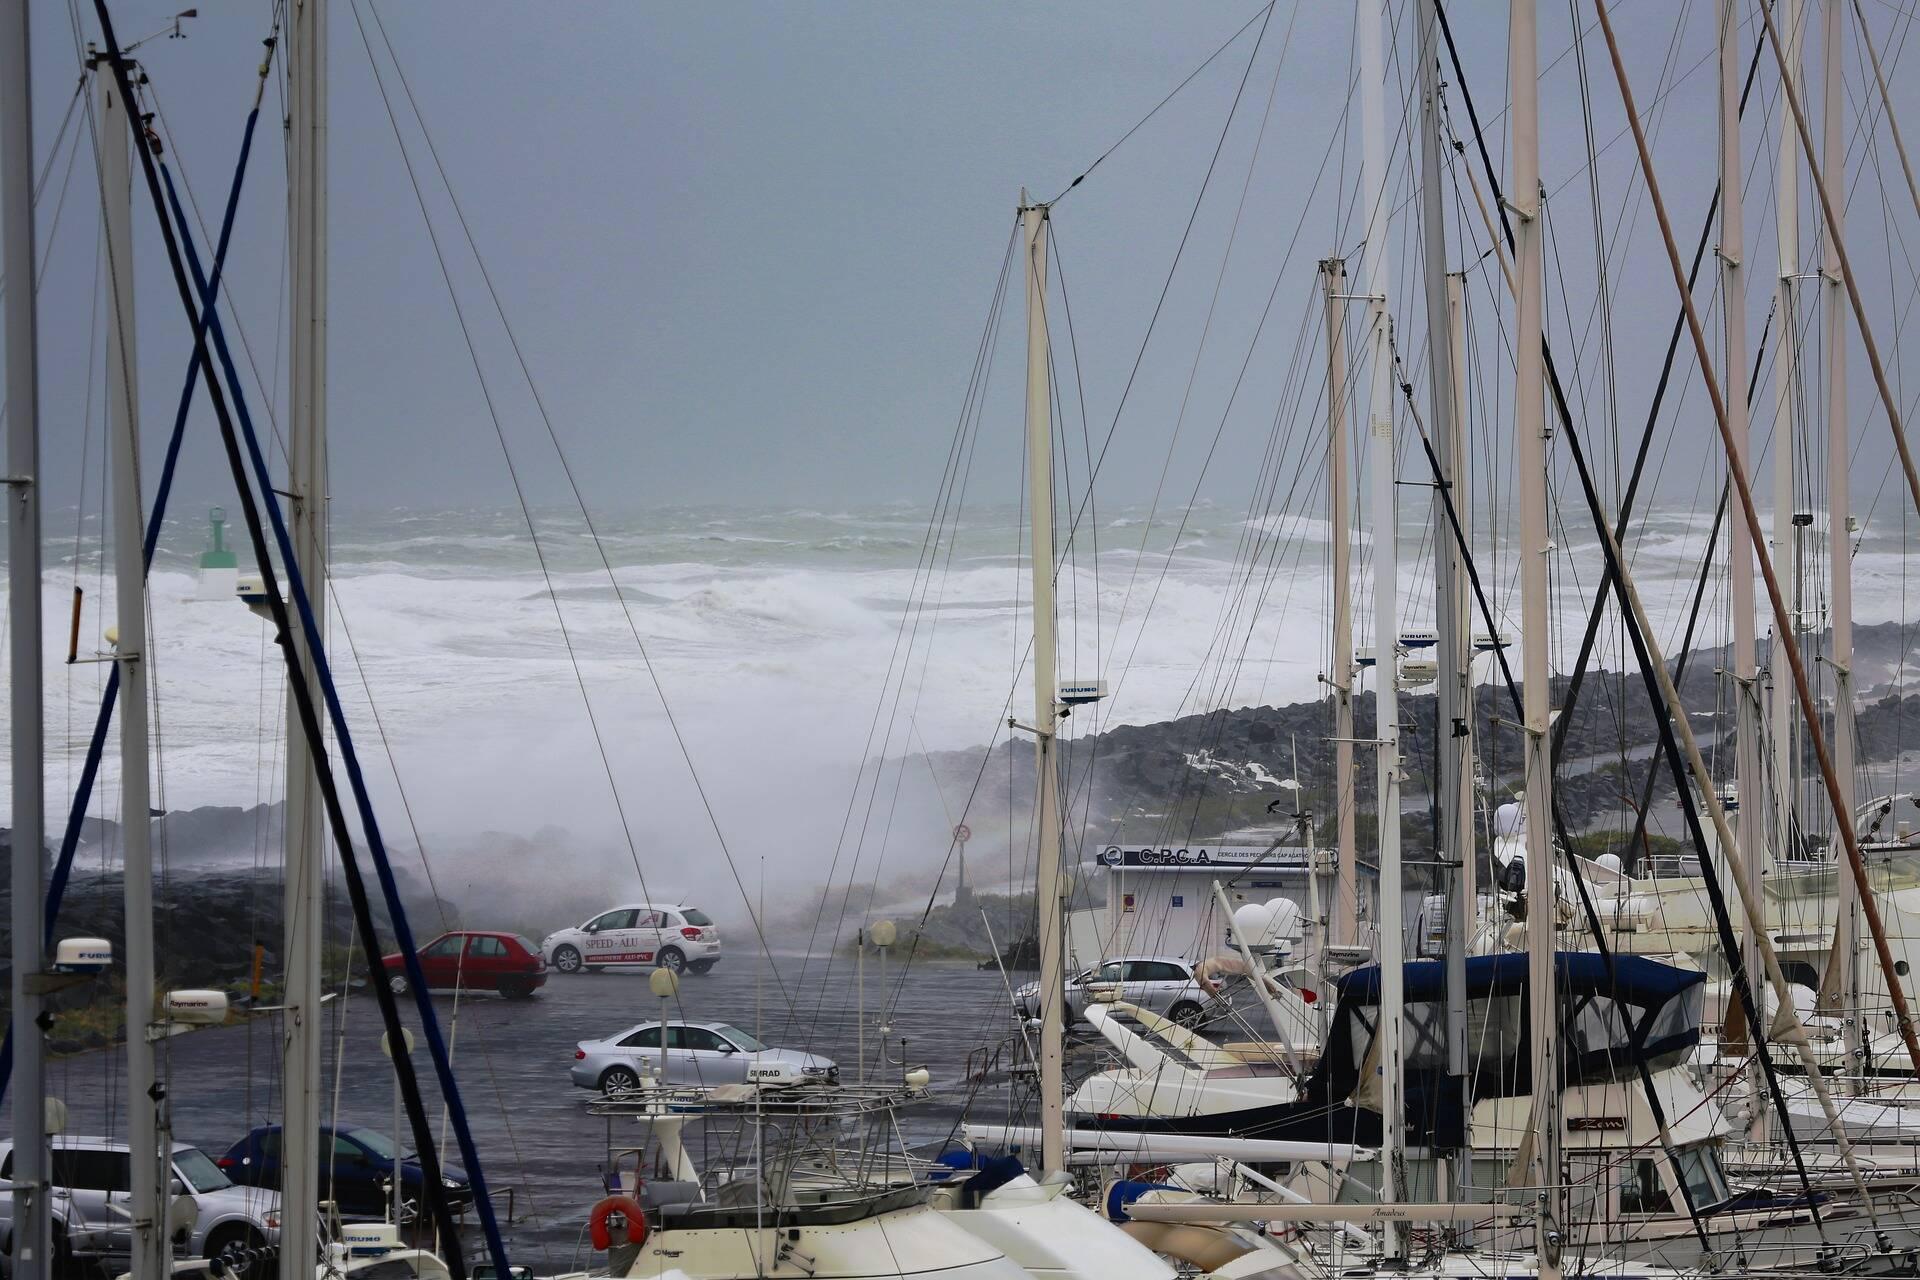 Em 2018, Palu, na ilha Céleres, na Indonésia, foi fortemente atingido por um tsunami. (Foto: Pixabay)